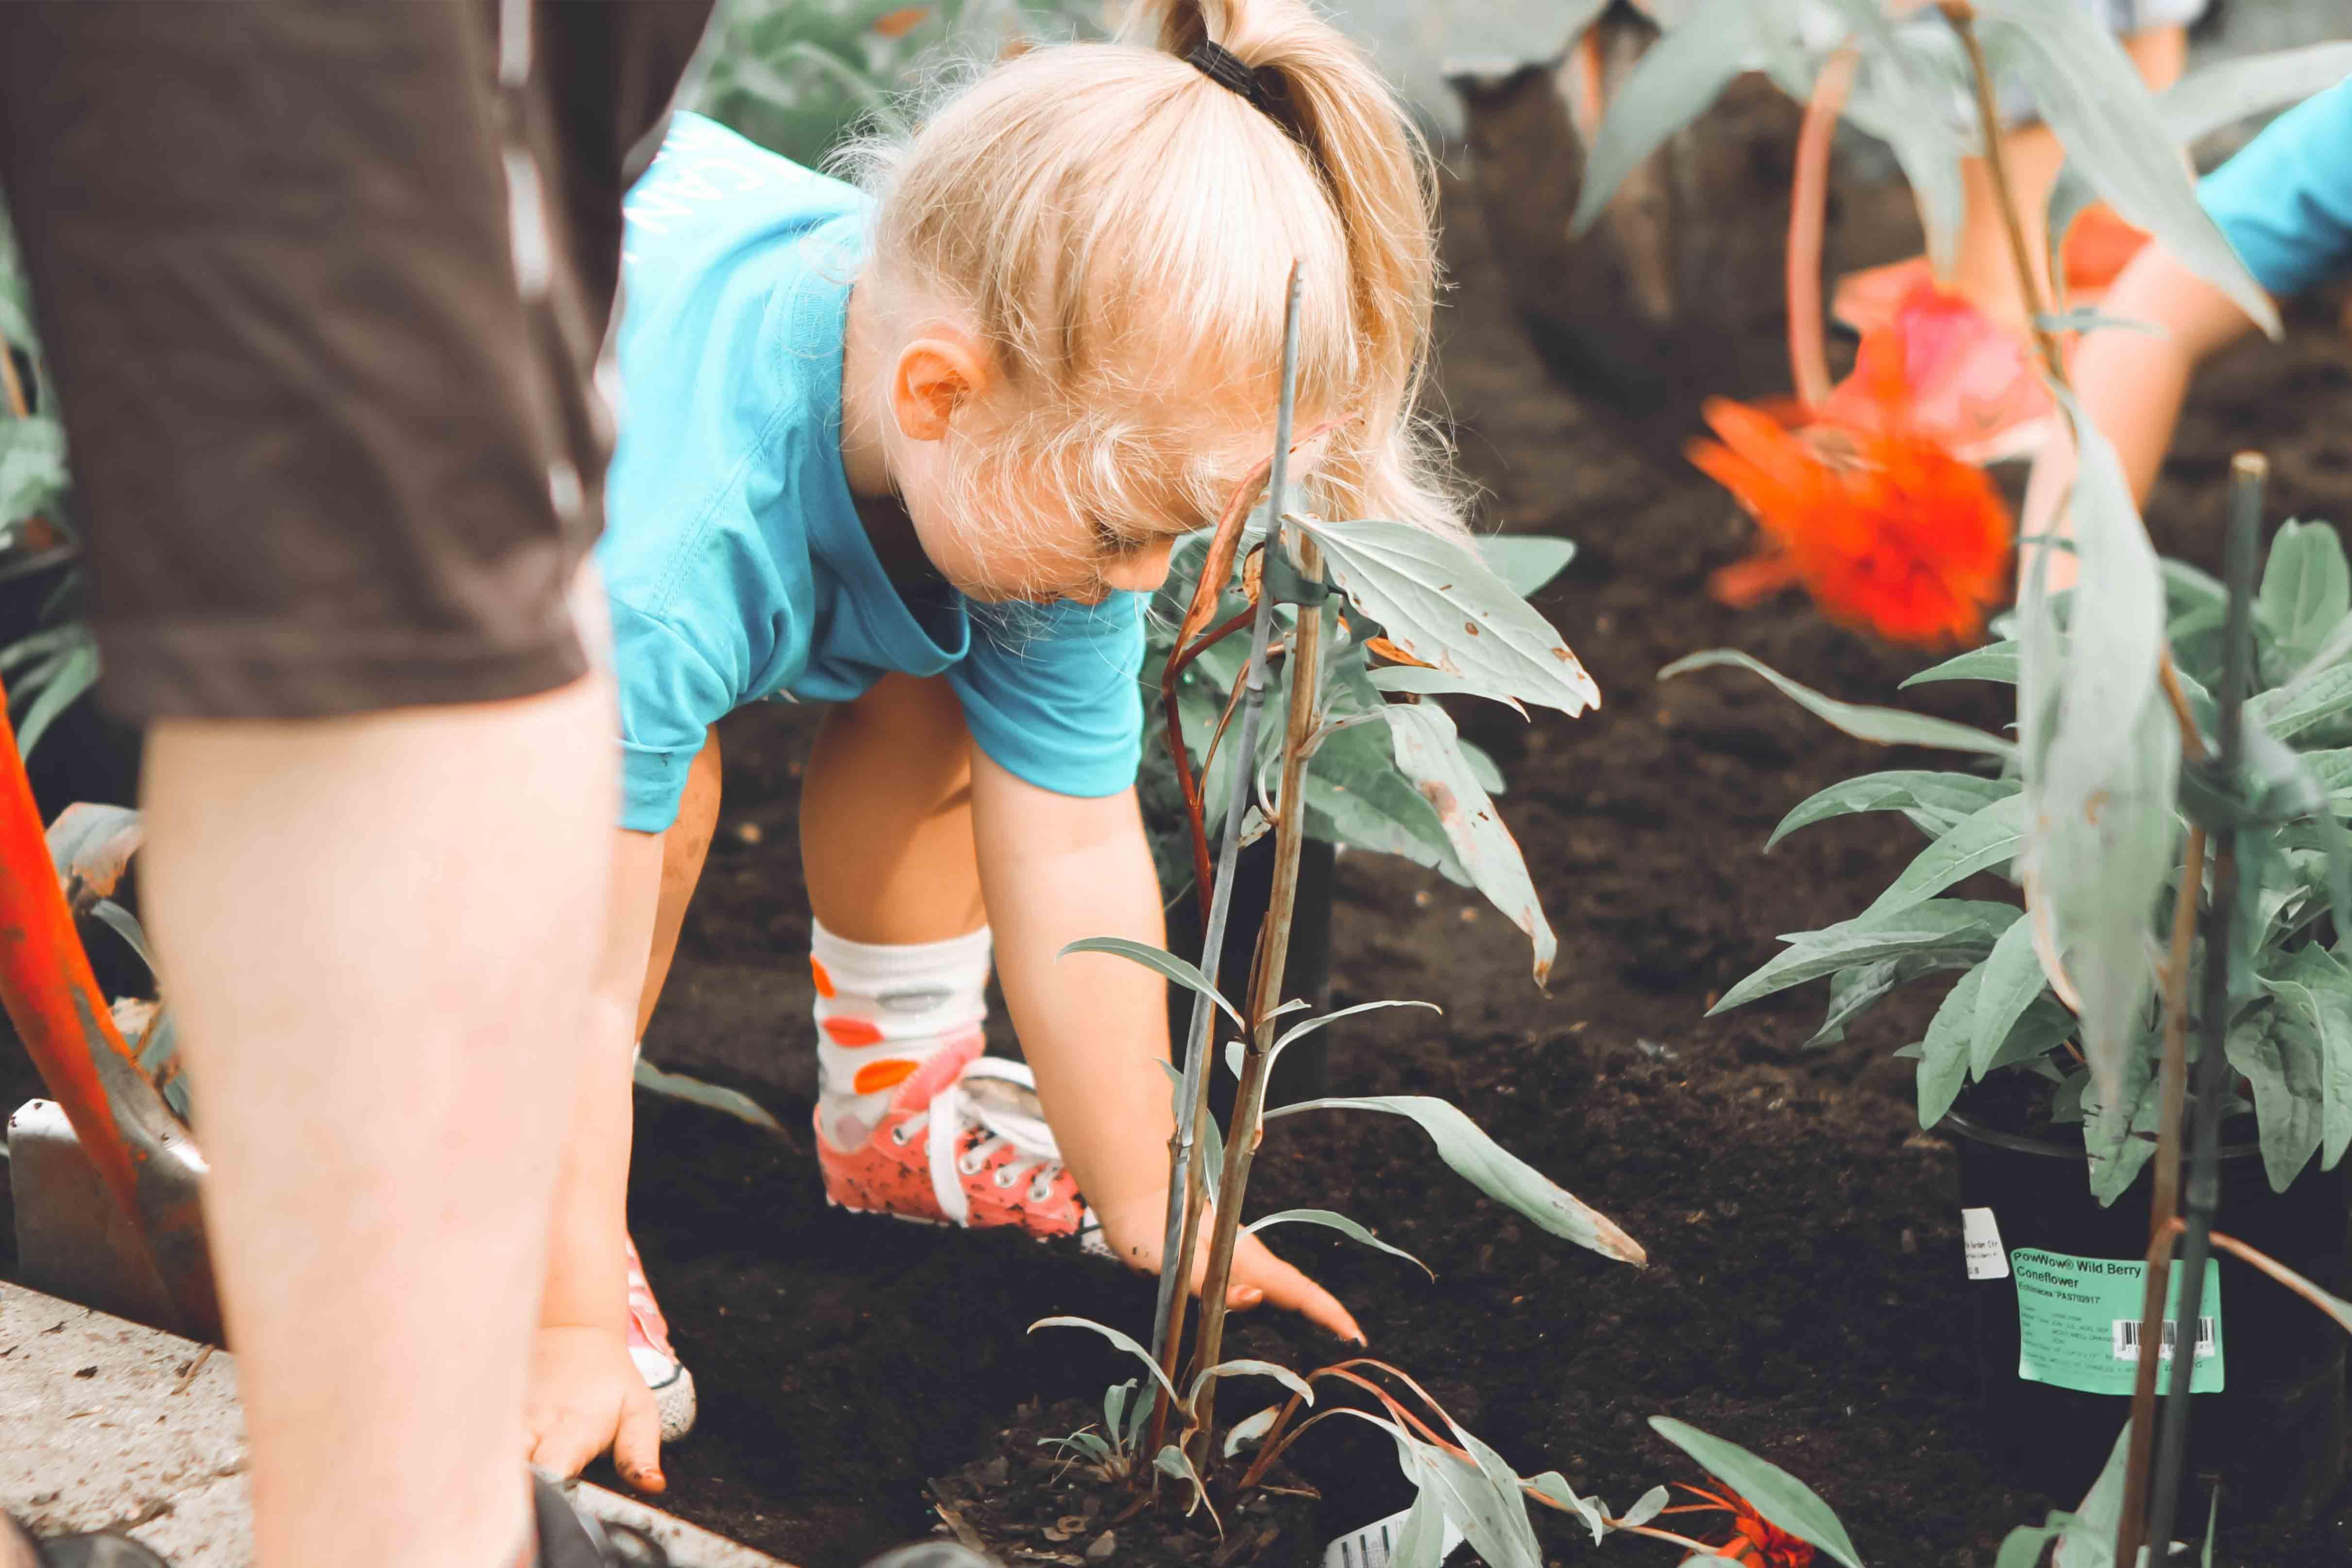 Como explicar a sustentabilidade aos mais novos?